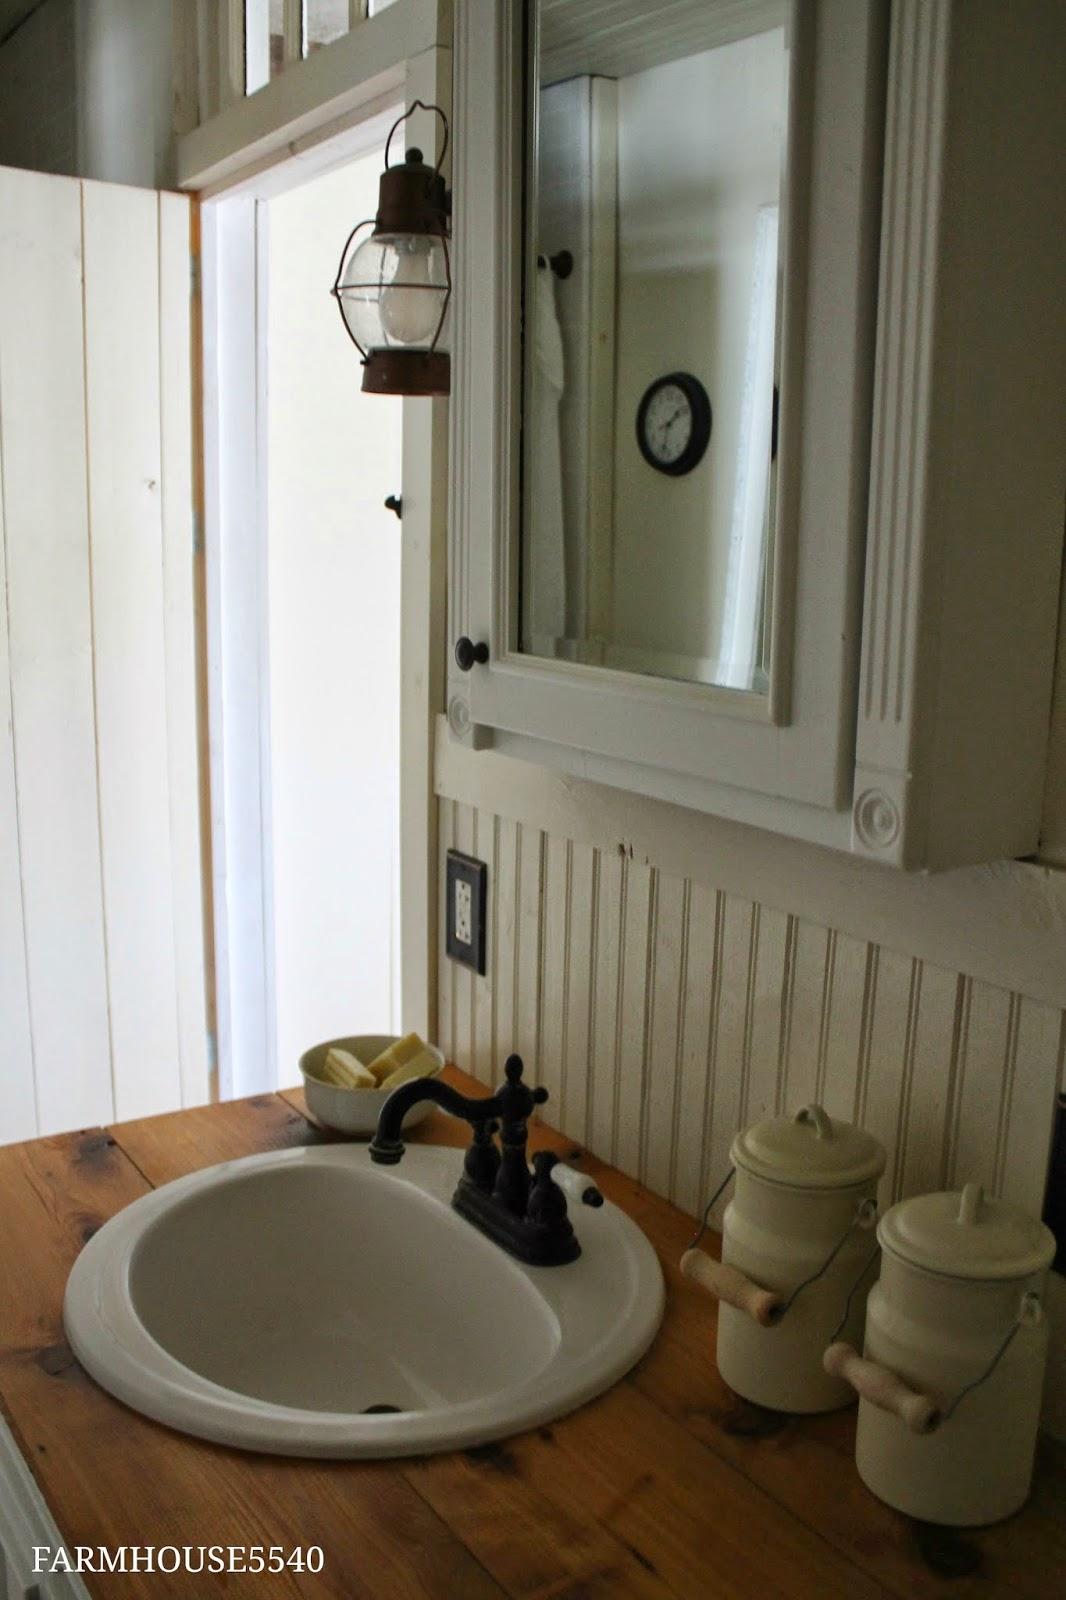 Farmhouse 5540 Farmhouse Bathroom